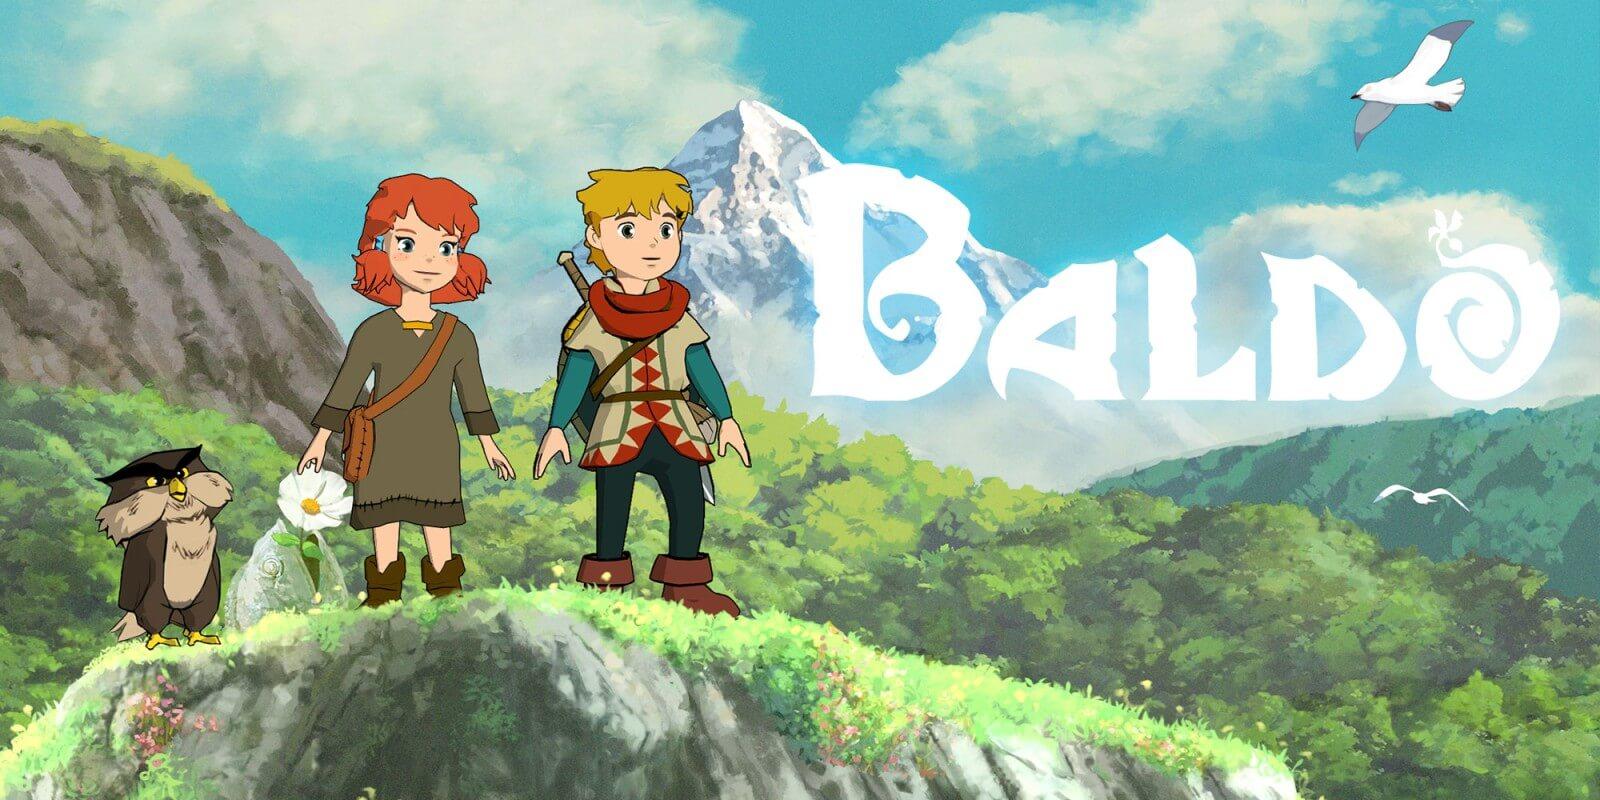 Baldo: The Guardian Owls, juego inspirado en Zelda y Studio Ghibli, se muestra en un nuevo gameplay